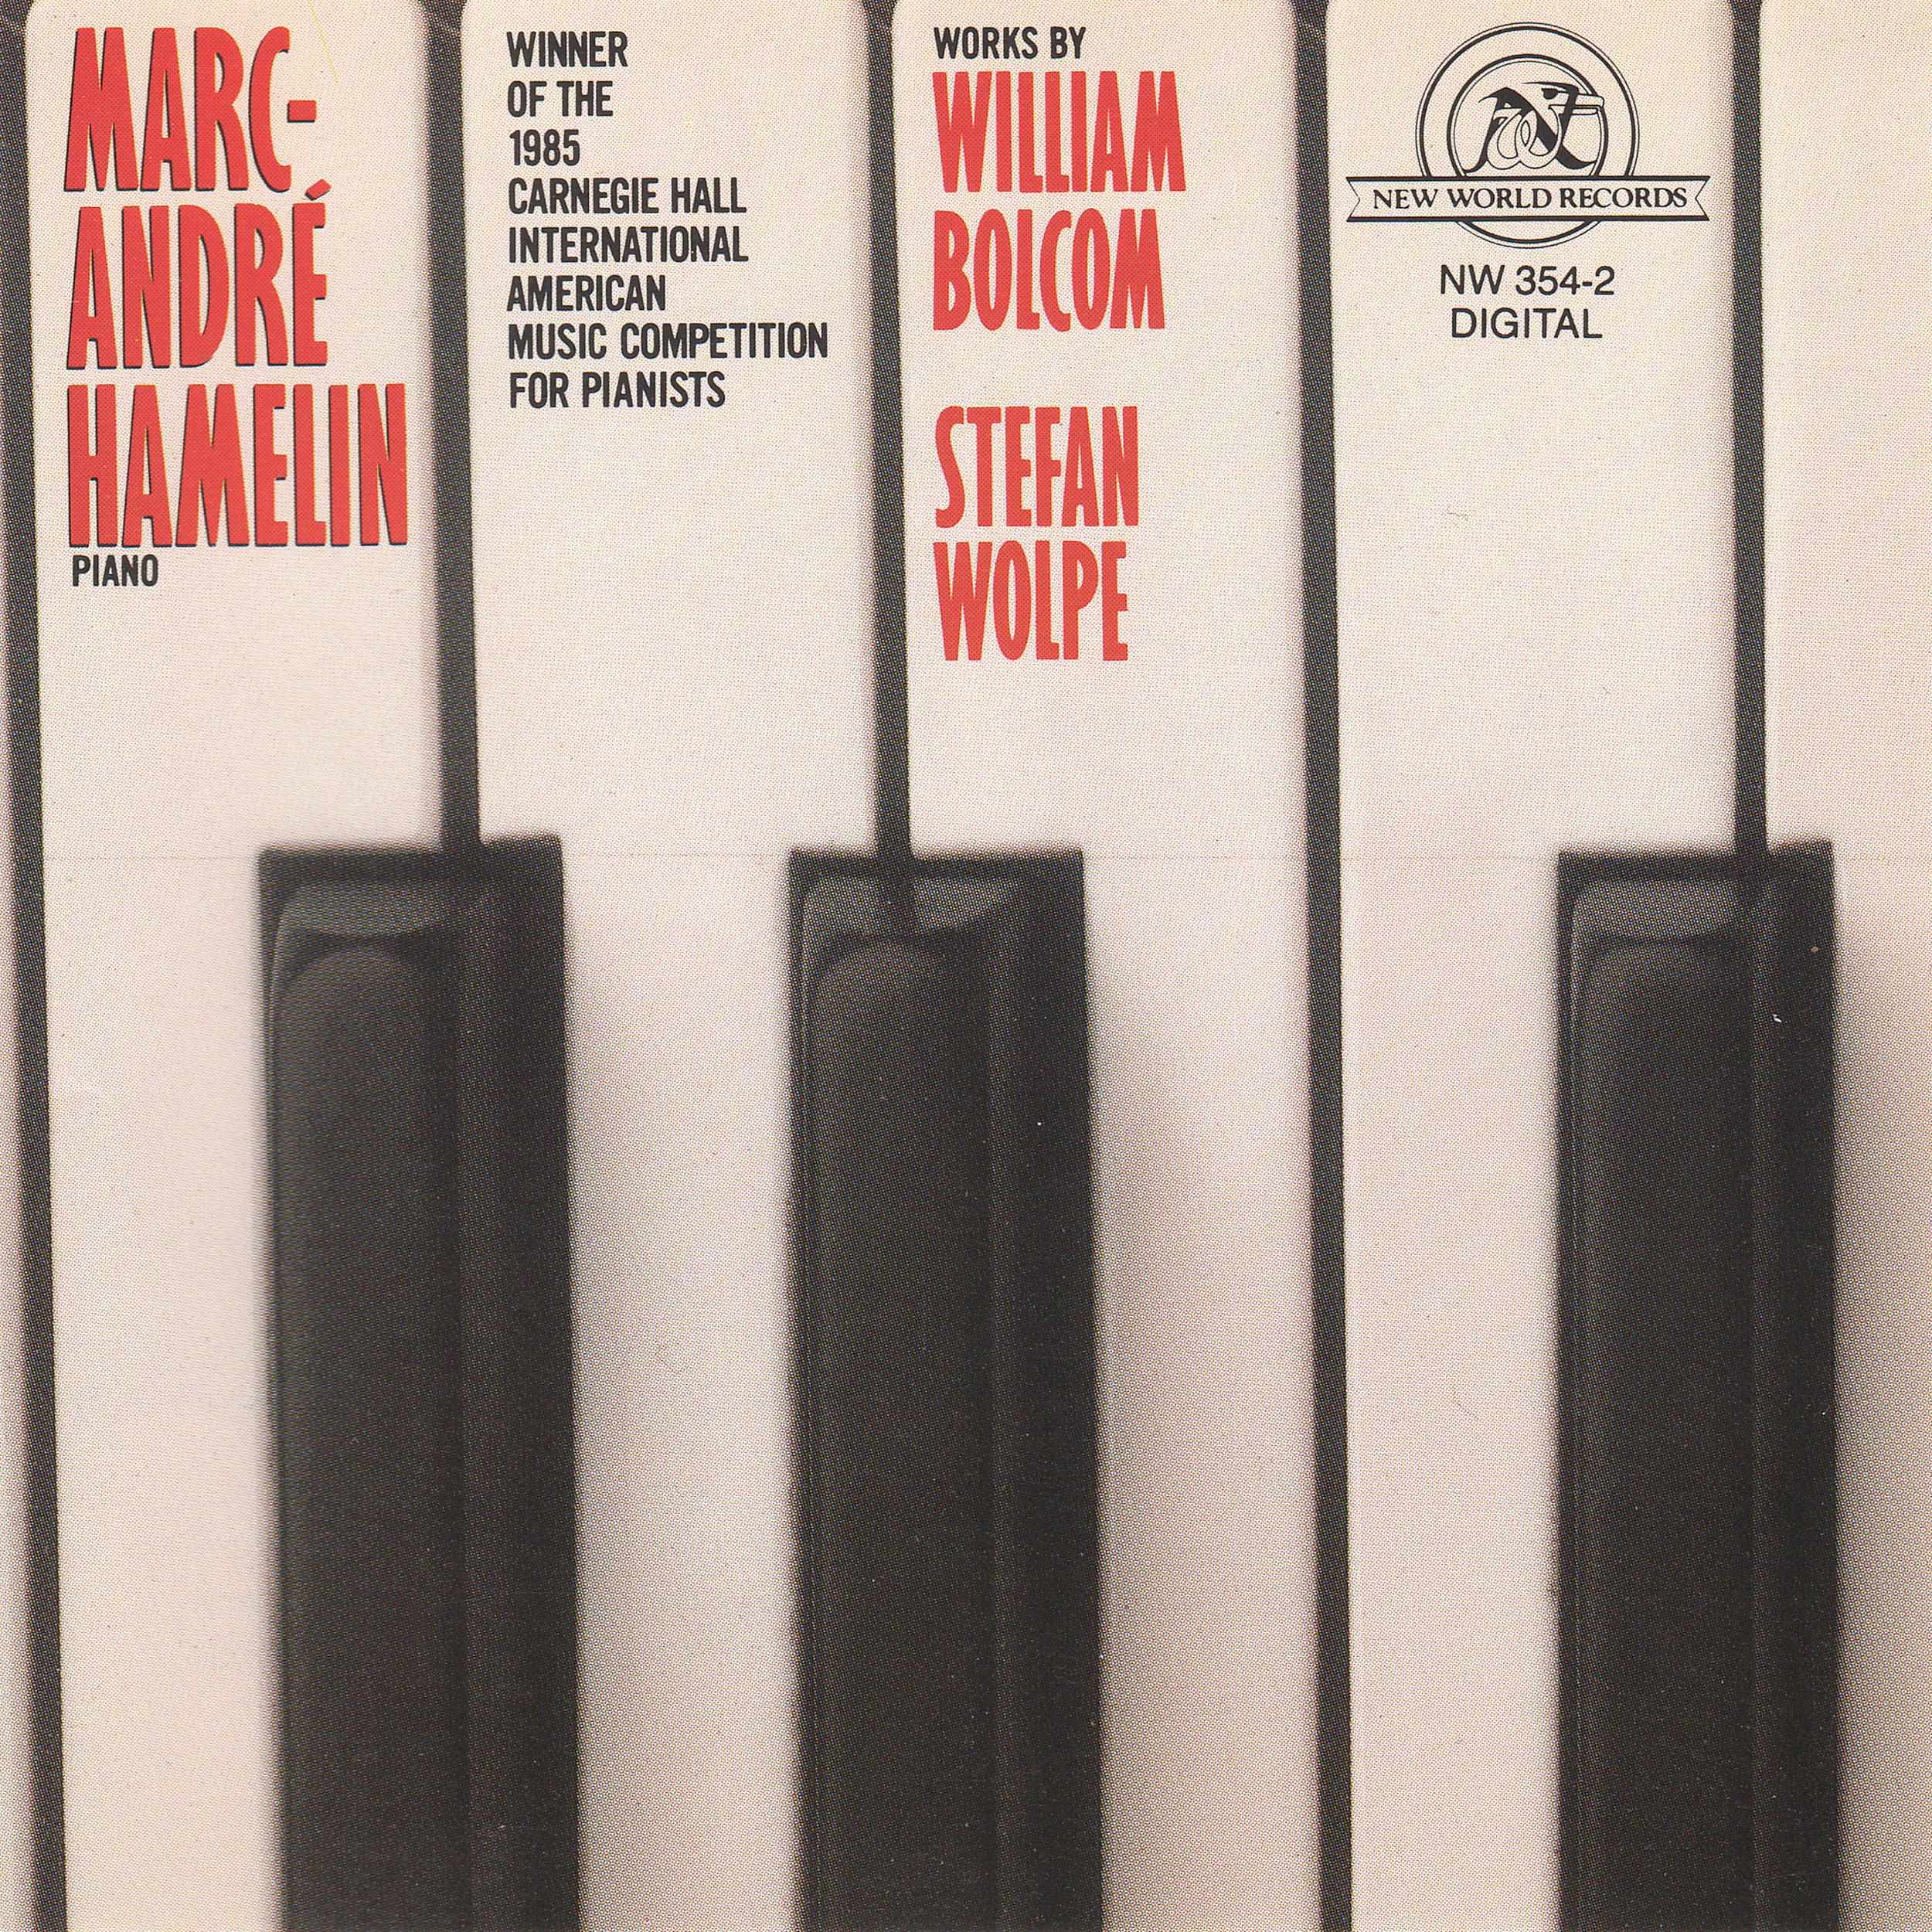 marc andre hamelin 1st CD.jpg